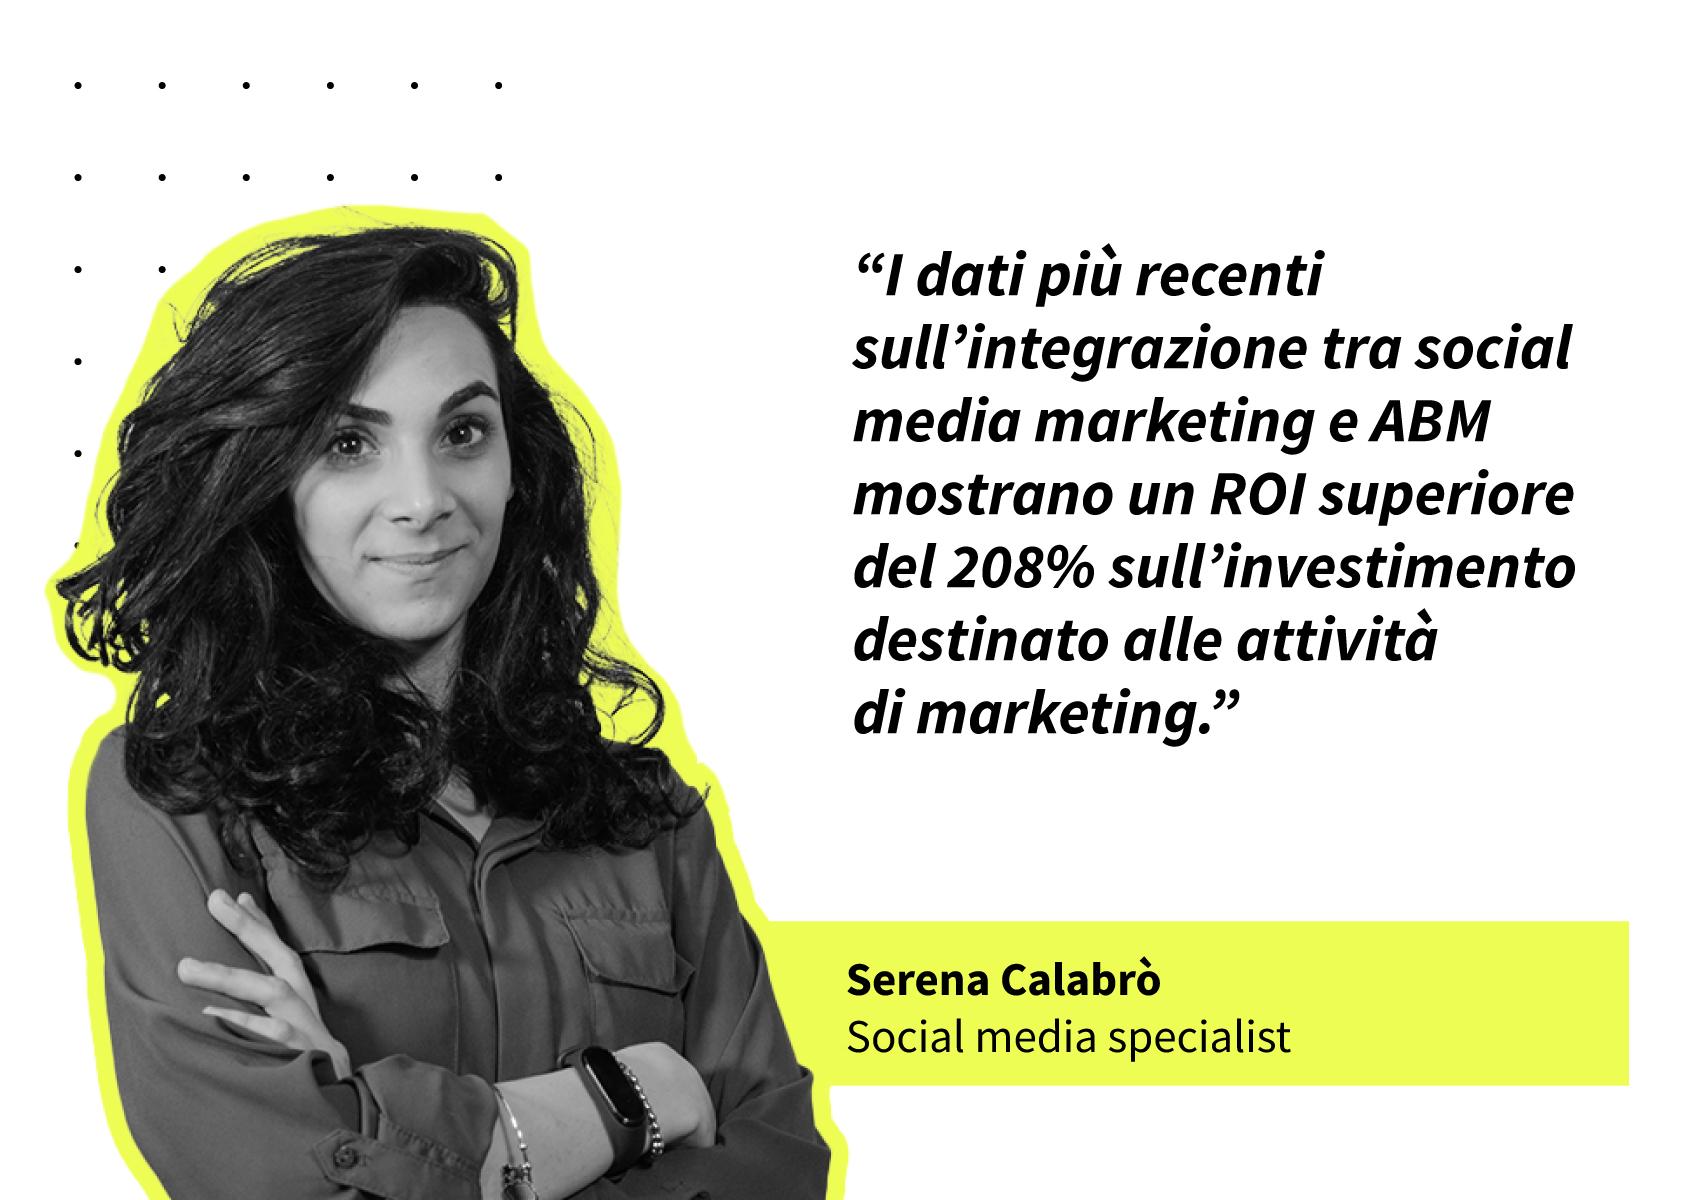 Socialmedia-abm-quote-sere